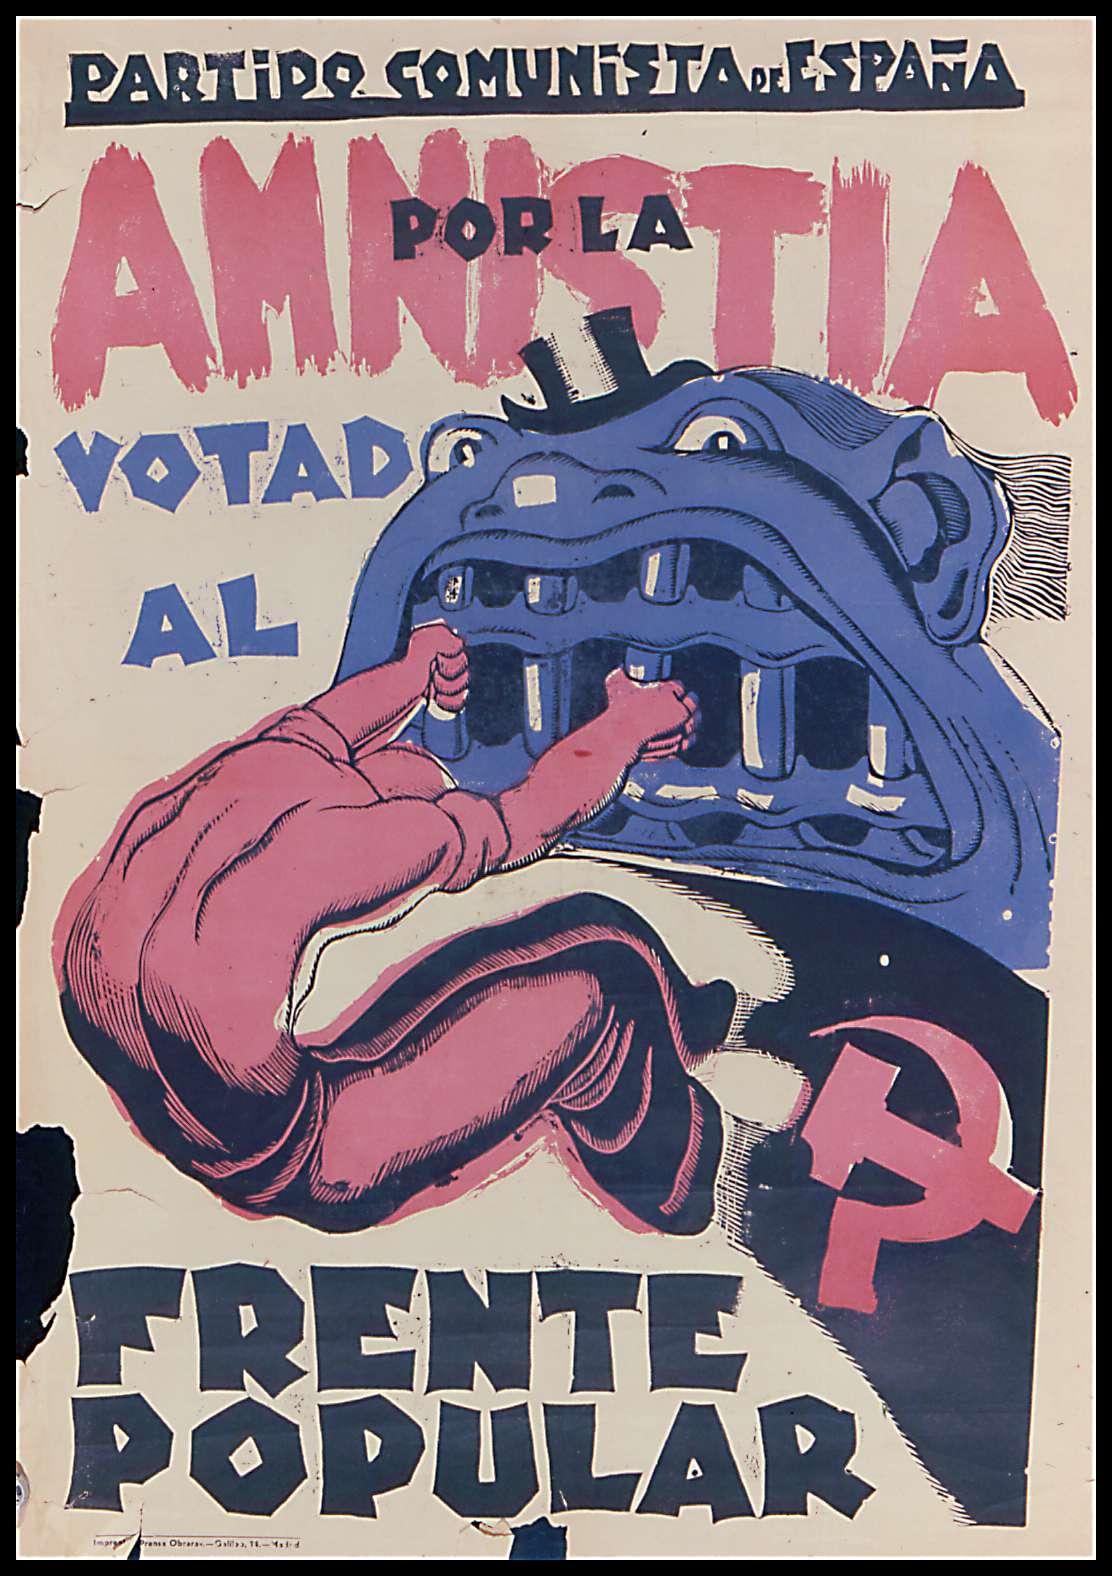 Affiche du parti communiste appelant à voter pour le front populaire en 1936